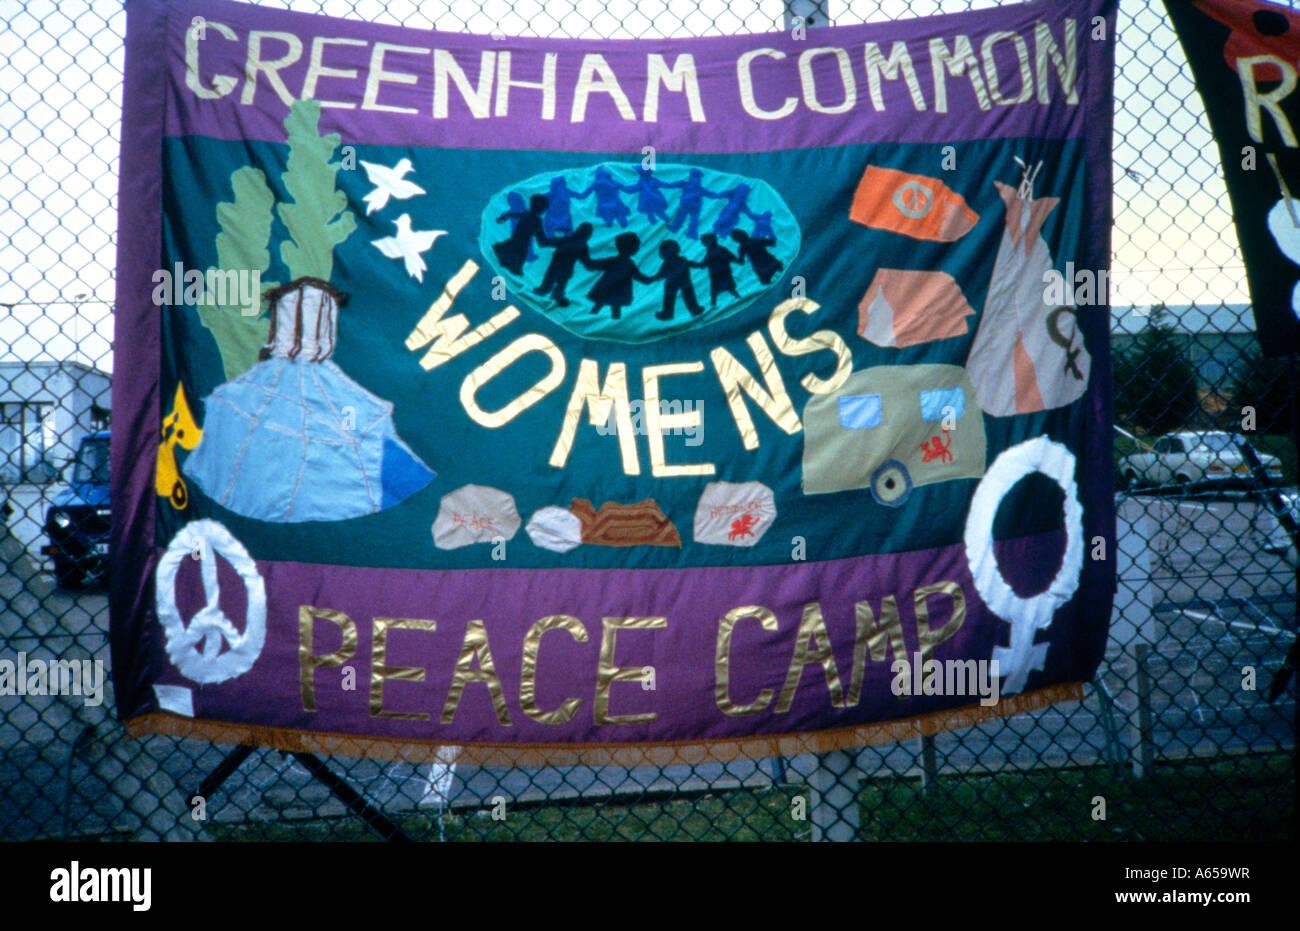 Las mujeres de Greenham Common Peace Camp Banner en esgrima Imagen De Stock